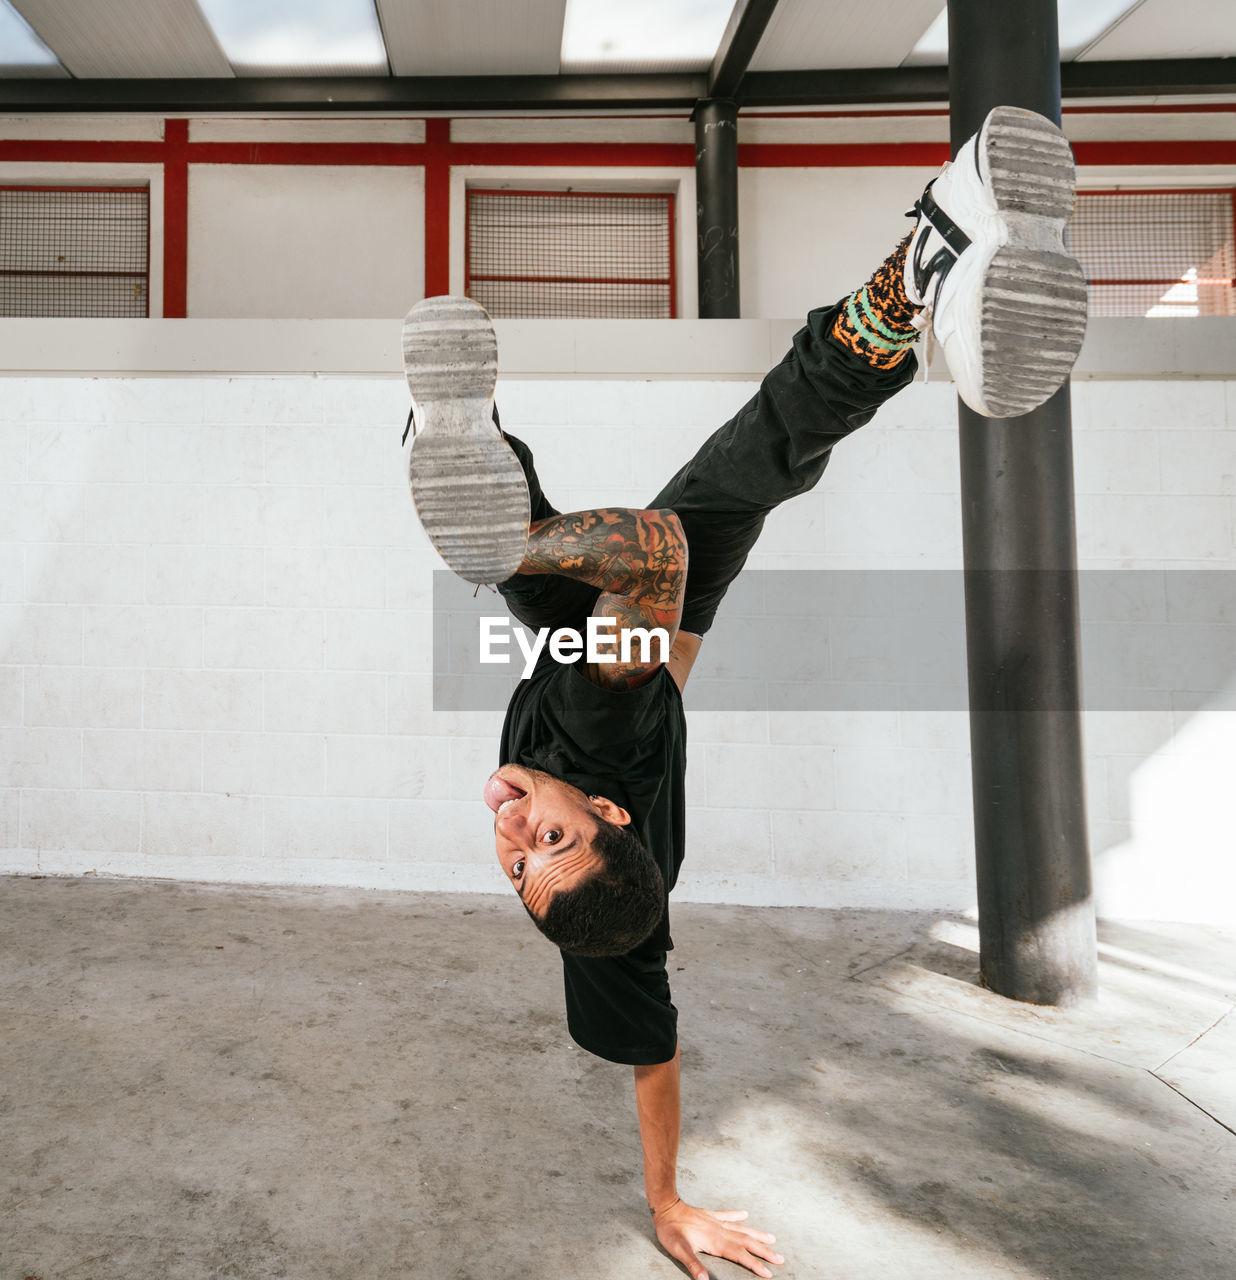 FULL LENGTH OF MAN SKATEBOARDING ON FLOOR